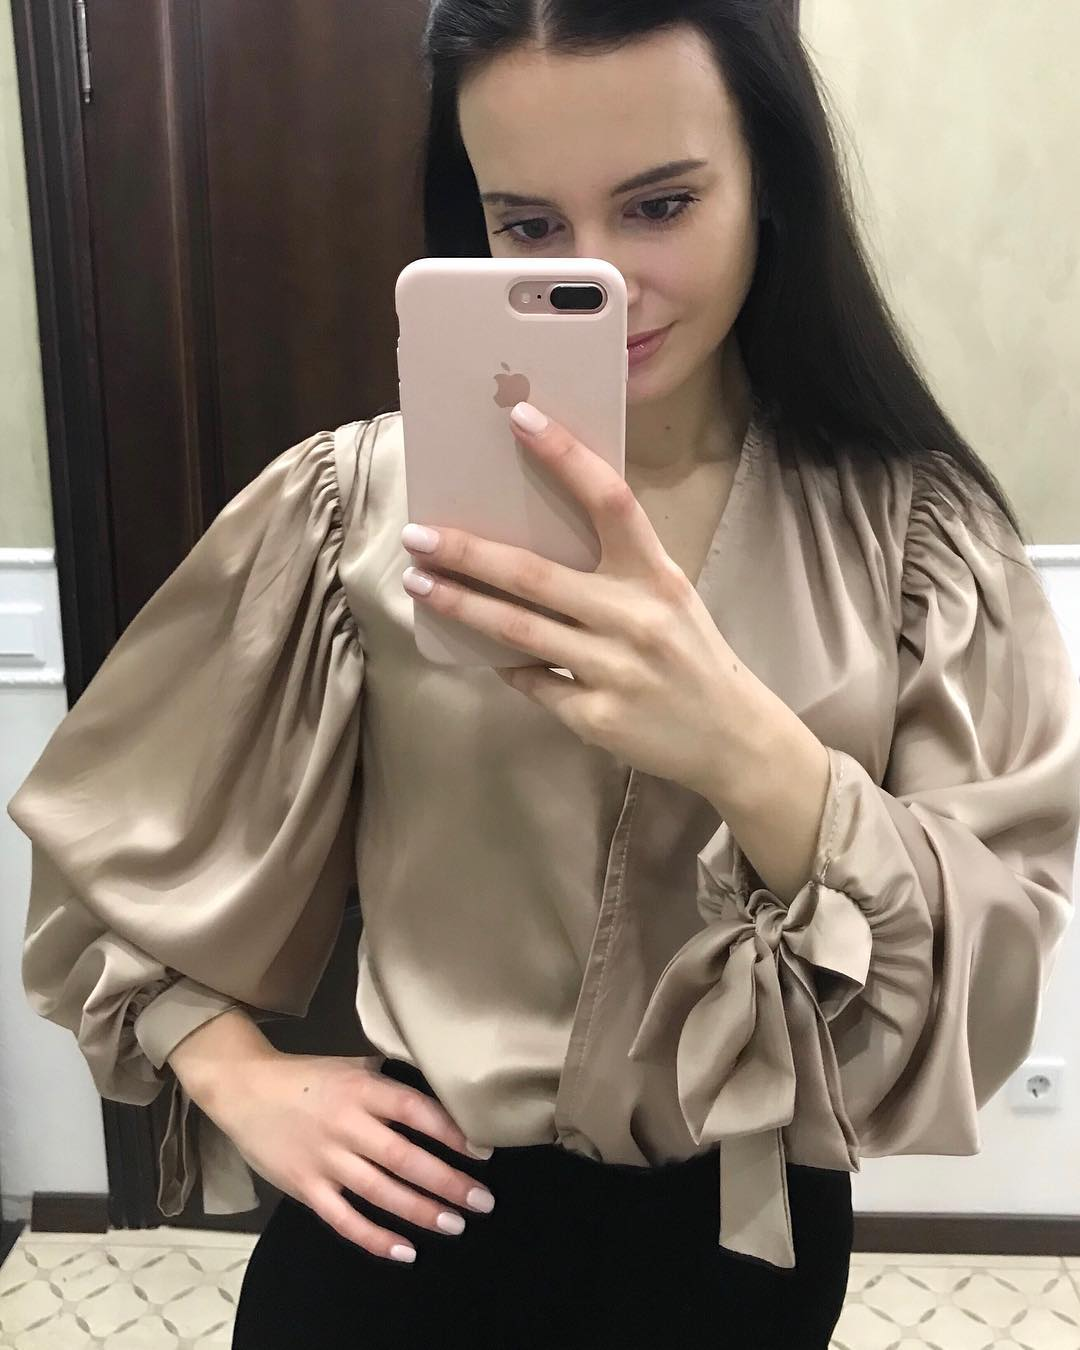 Blusas-2019-Tendências-de-blusas-femininas-2019